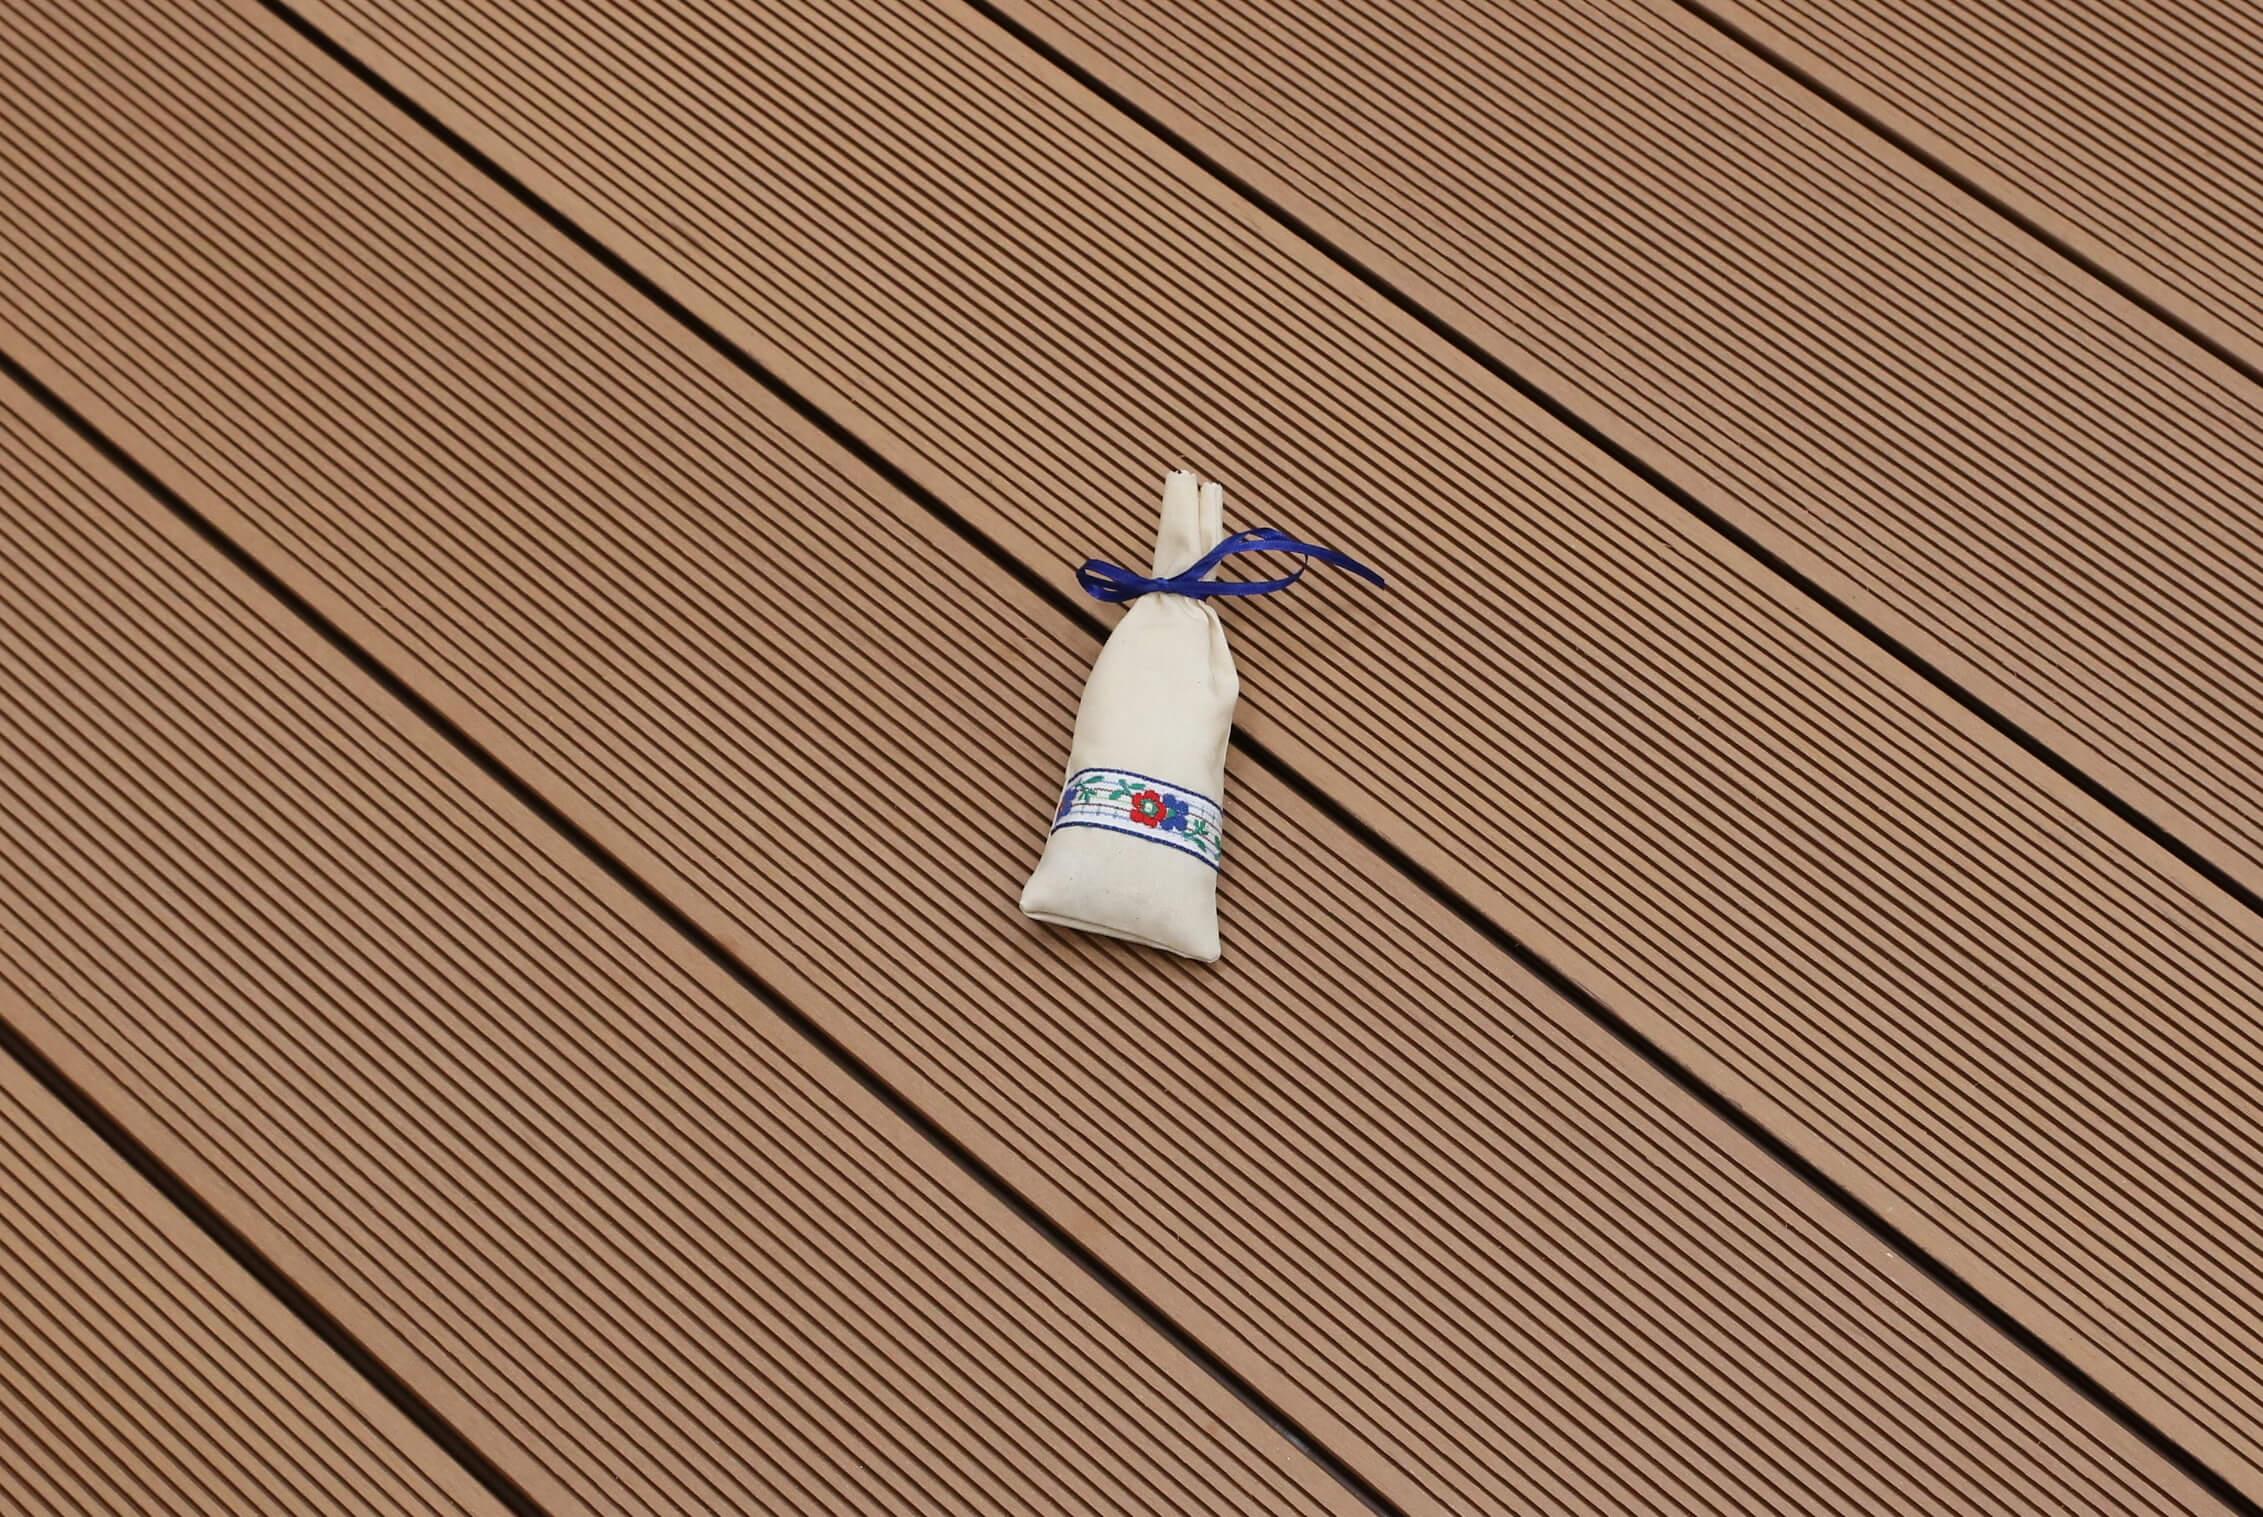 WPC Terrasse massiv, hellbraun, Oberfläche fein gerillt, 22 x 143 bis 4800 mm, Vollprofil, 8,95 €/lfm